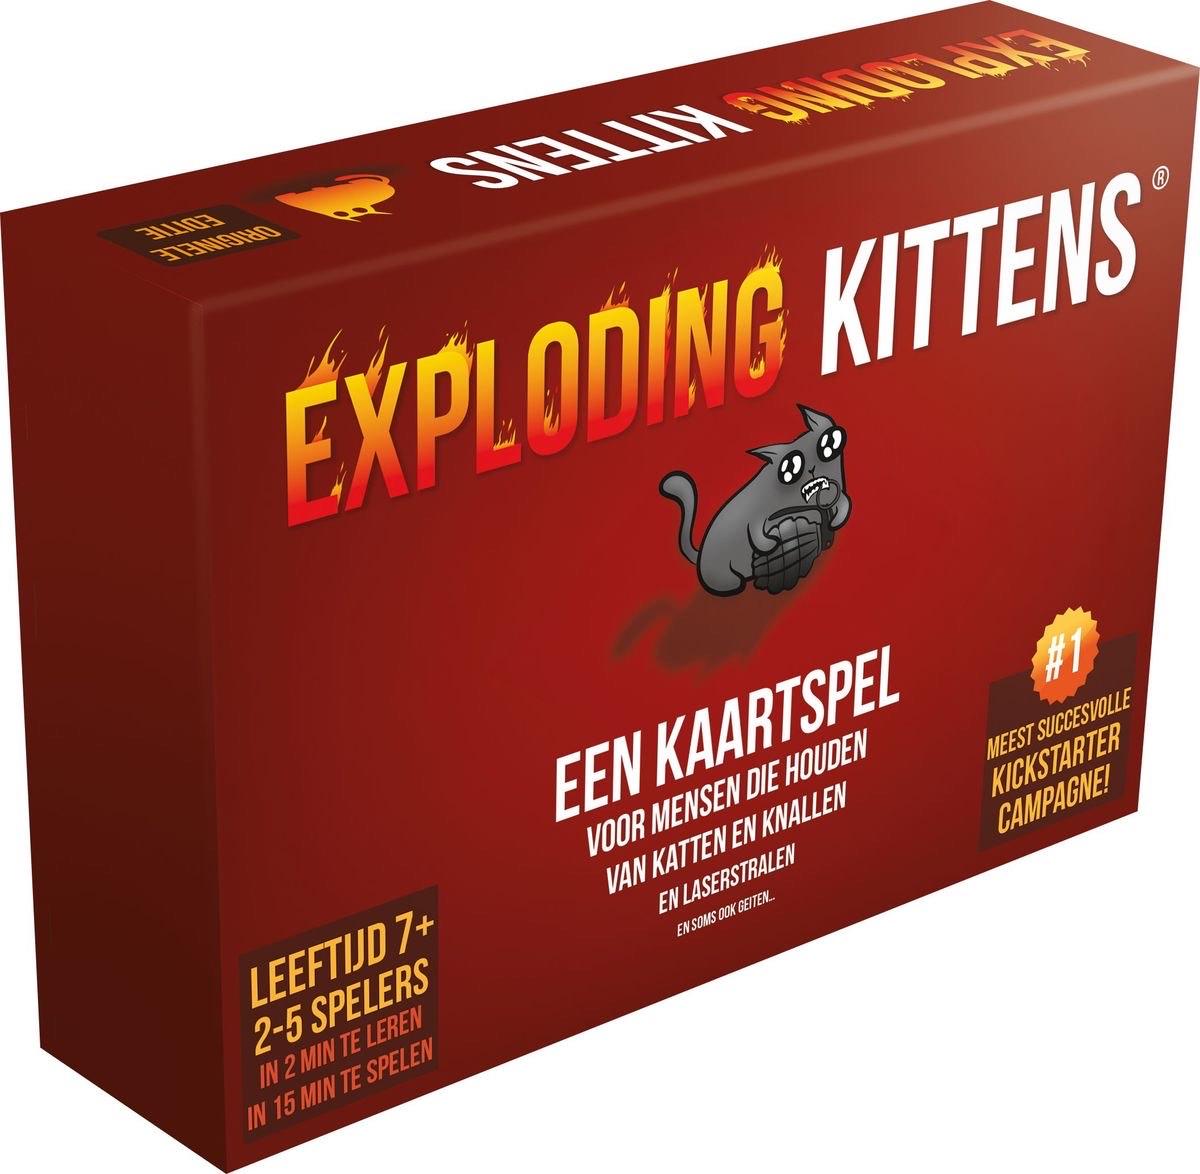 Exploding Kittens Kaartspel NL versie bij Amazon.nl